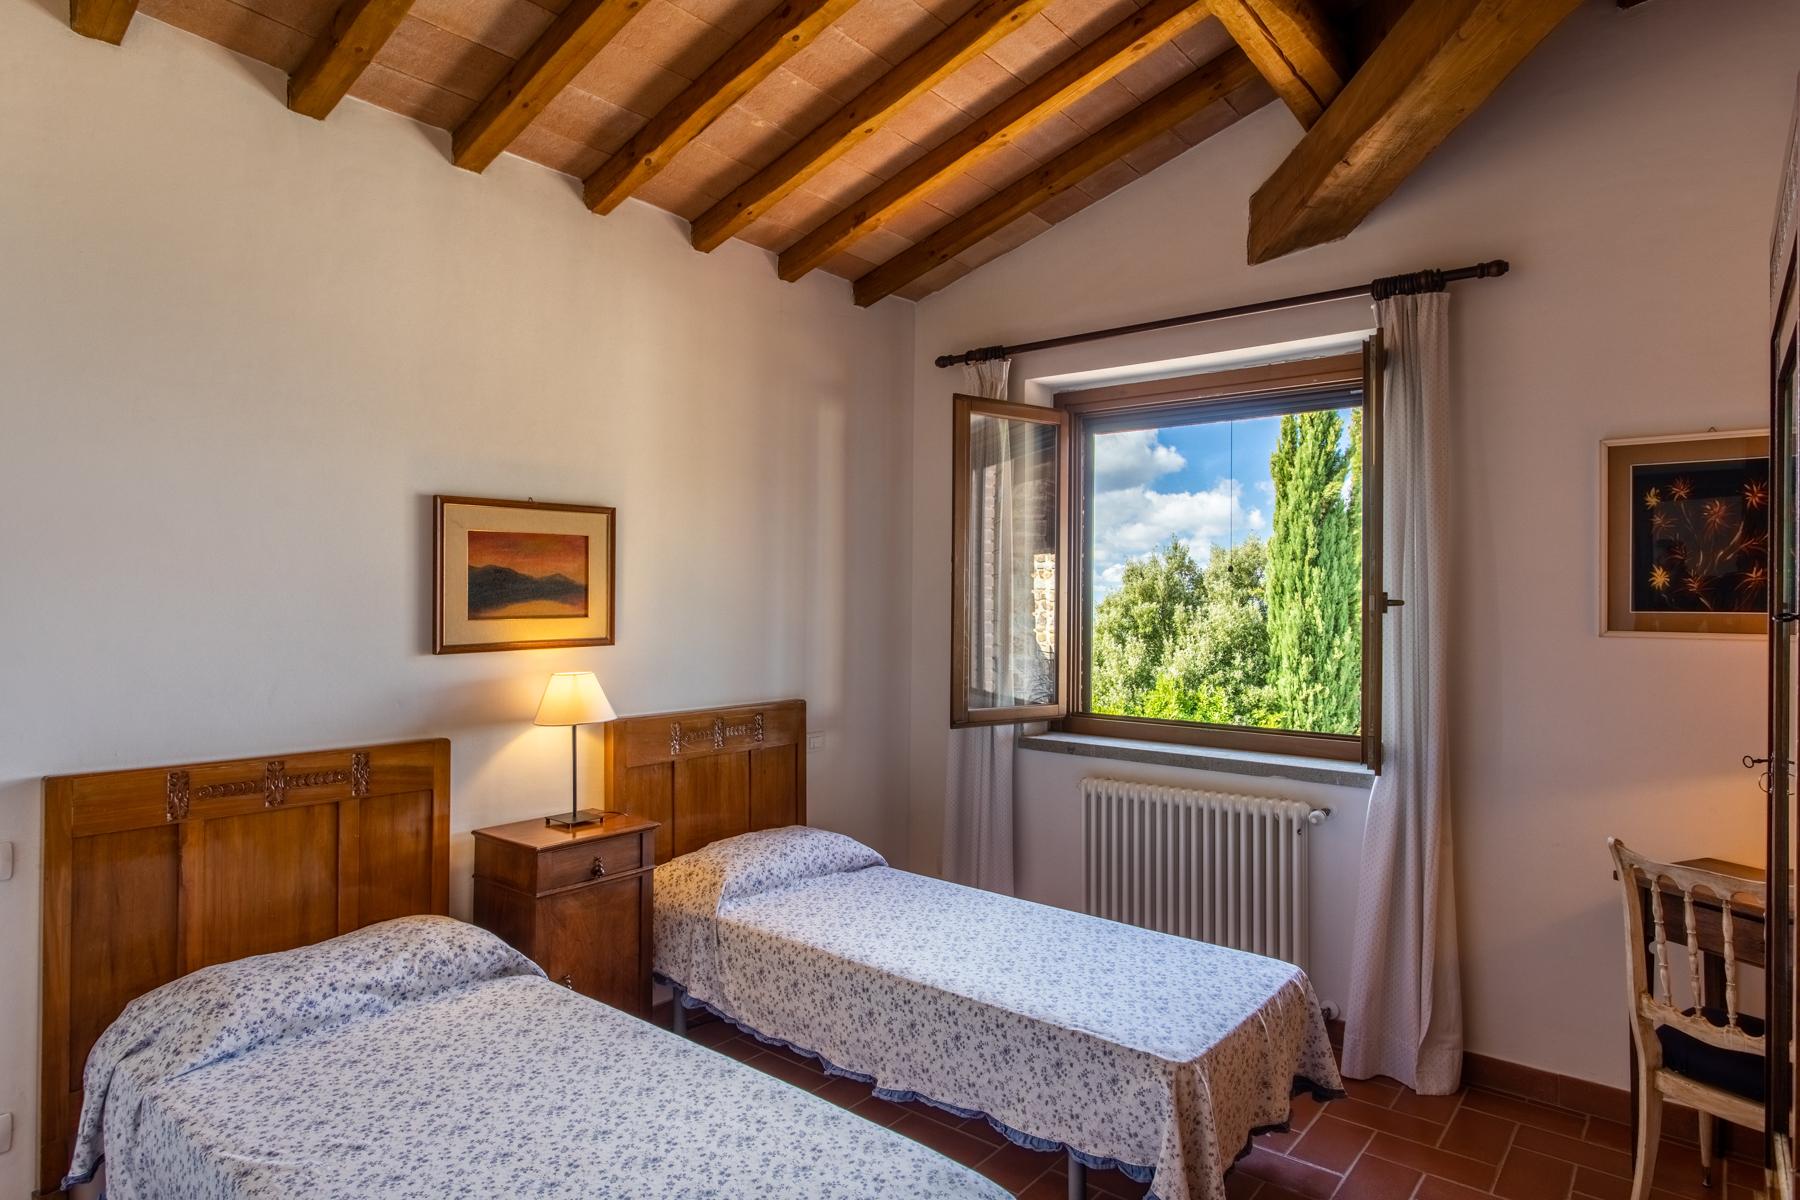 Rustico in Vendita a Manciano: 5 locali, 520 mq - Foto 21